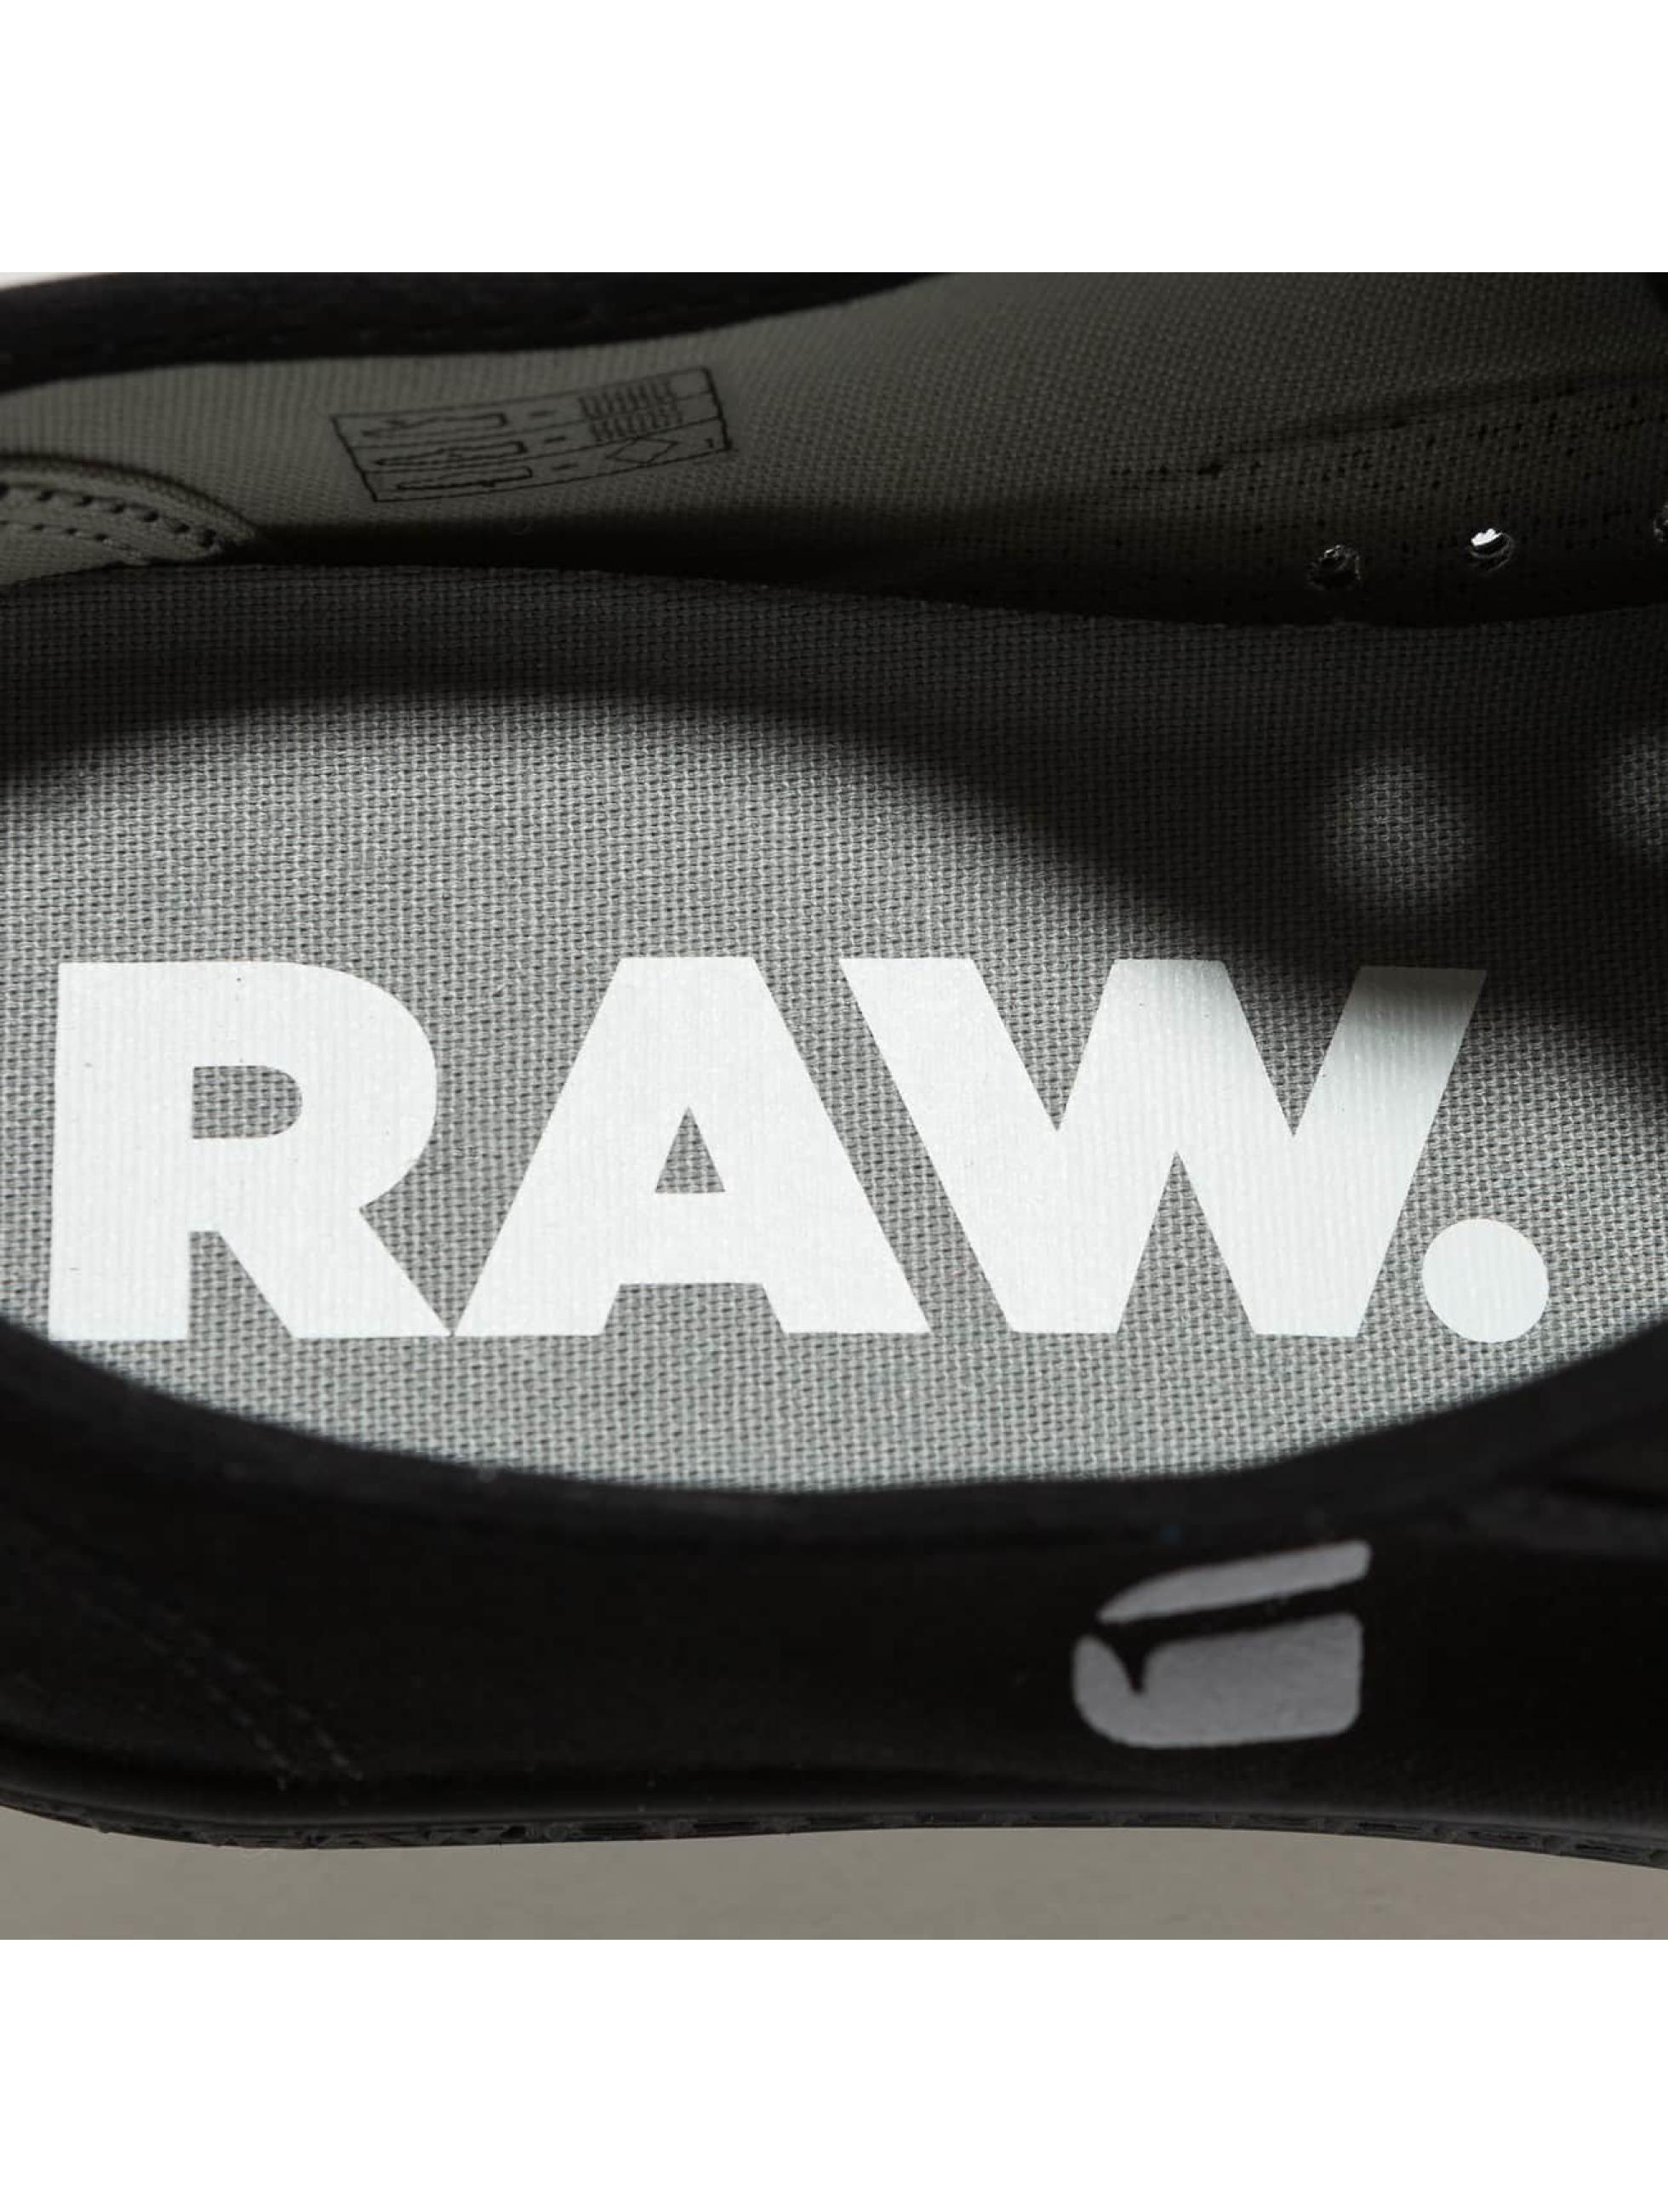 G-Star Footwear Tøysko Rovulc HB svart